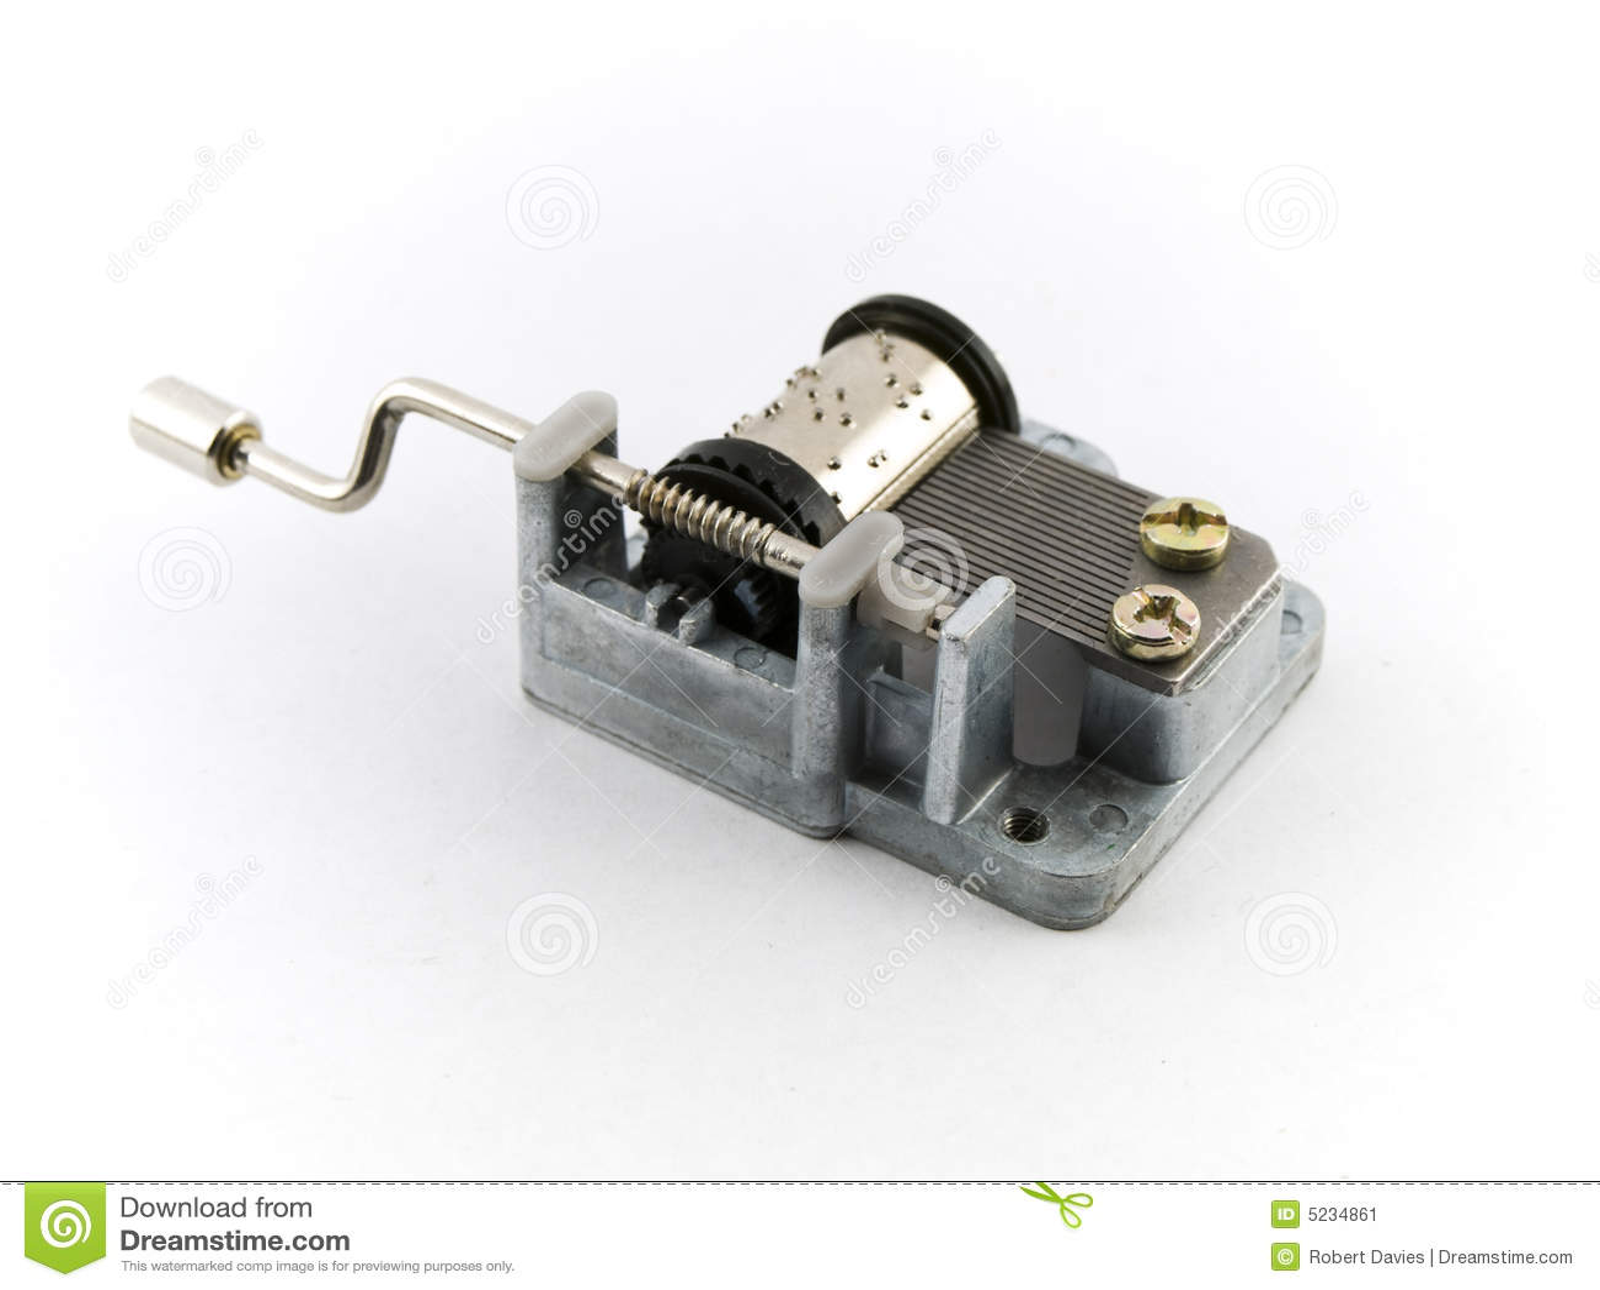 404 not found - Mecanisme boite a musique ...